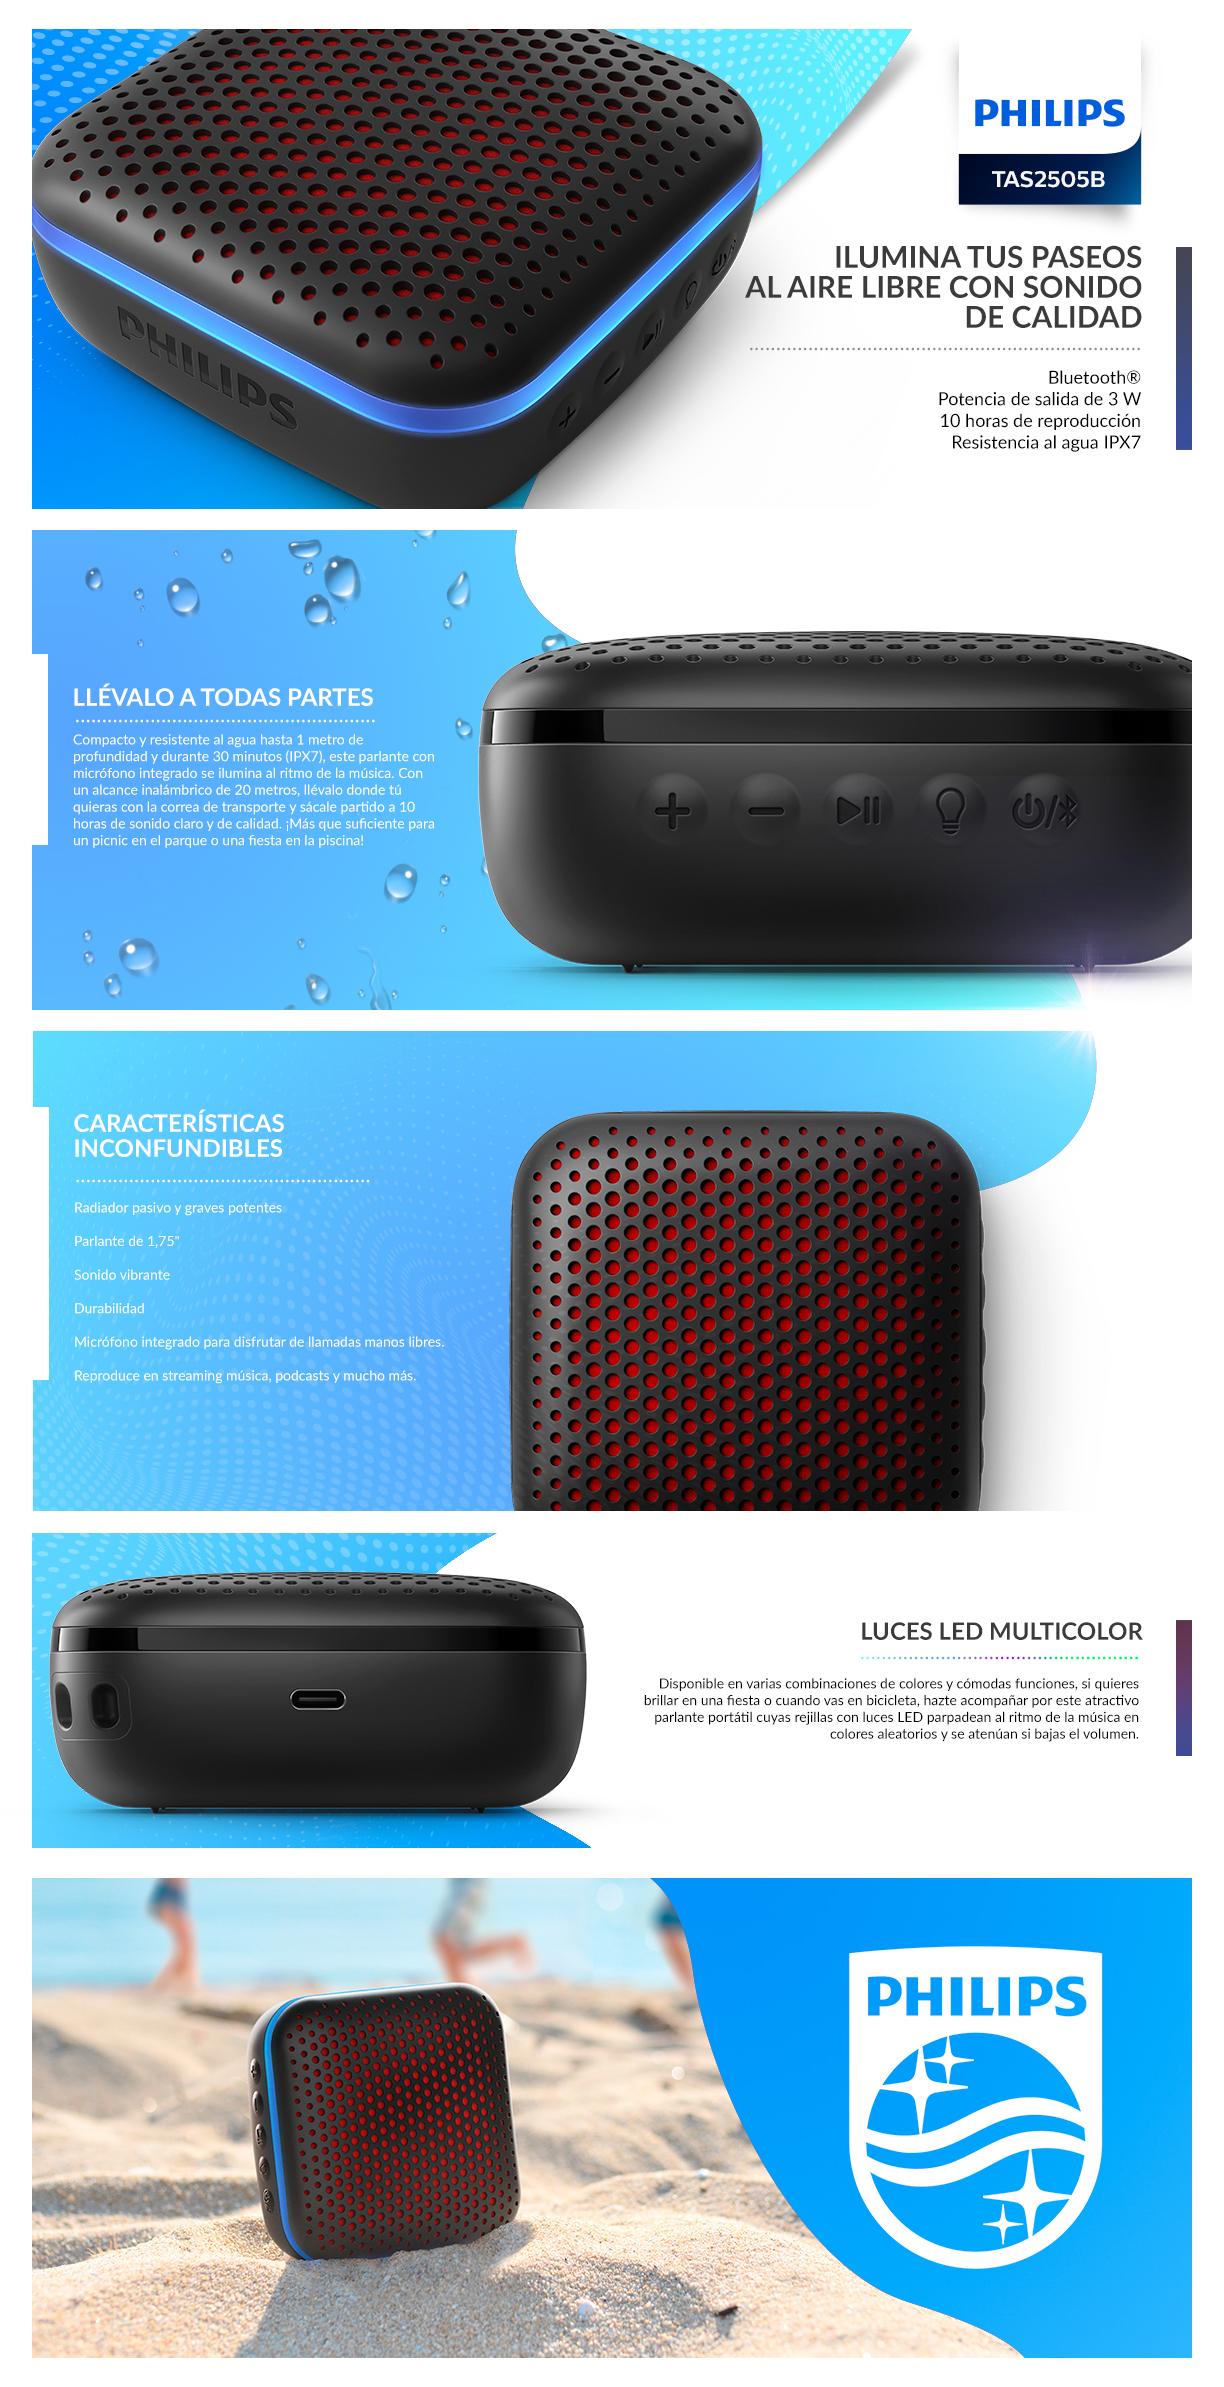 Lo mejor de Philips esta en Hites.com